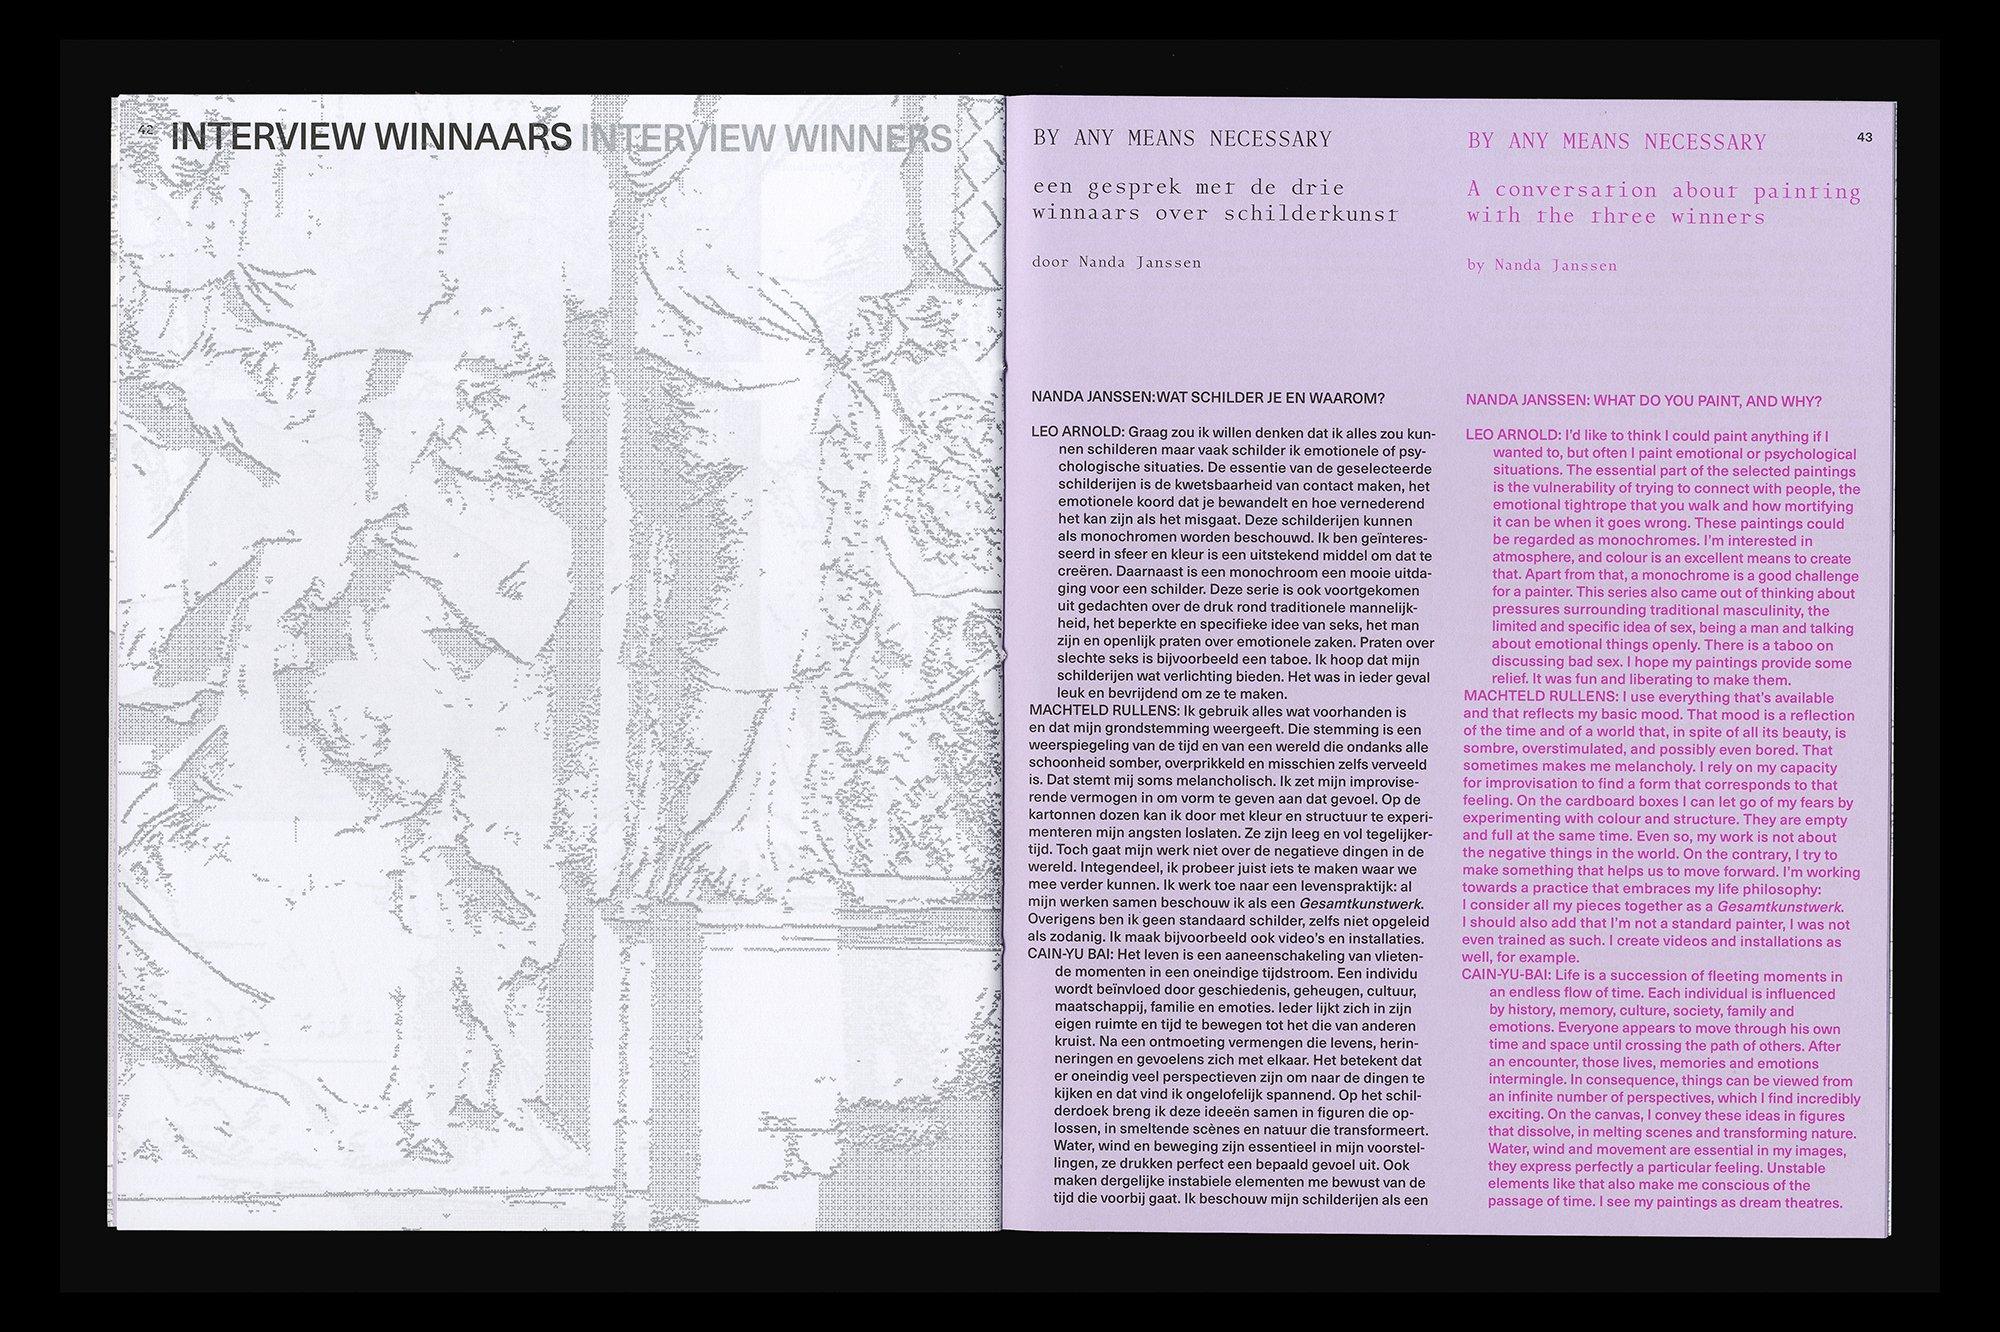 Een spread uit de Catalogus Koninklijke Prijs voor Vrije Schilderkunst 2019, ontwerp door Lyanne Tonk. De Monsterkamer Interview